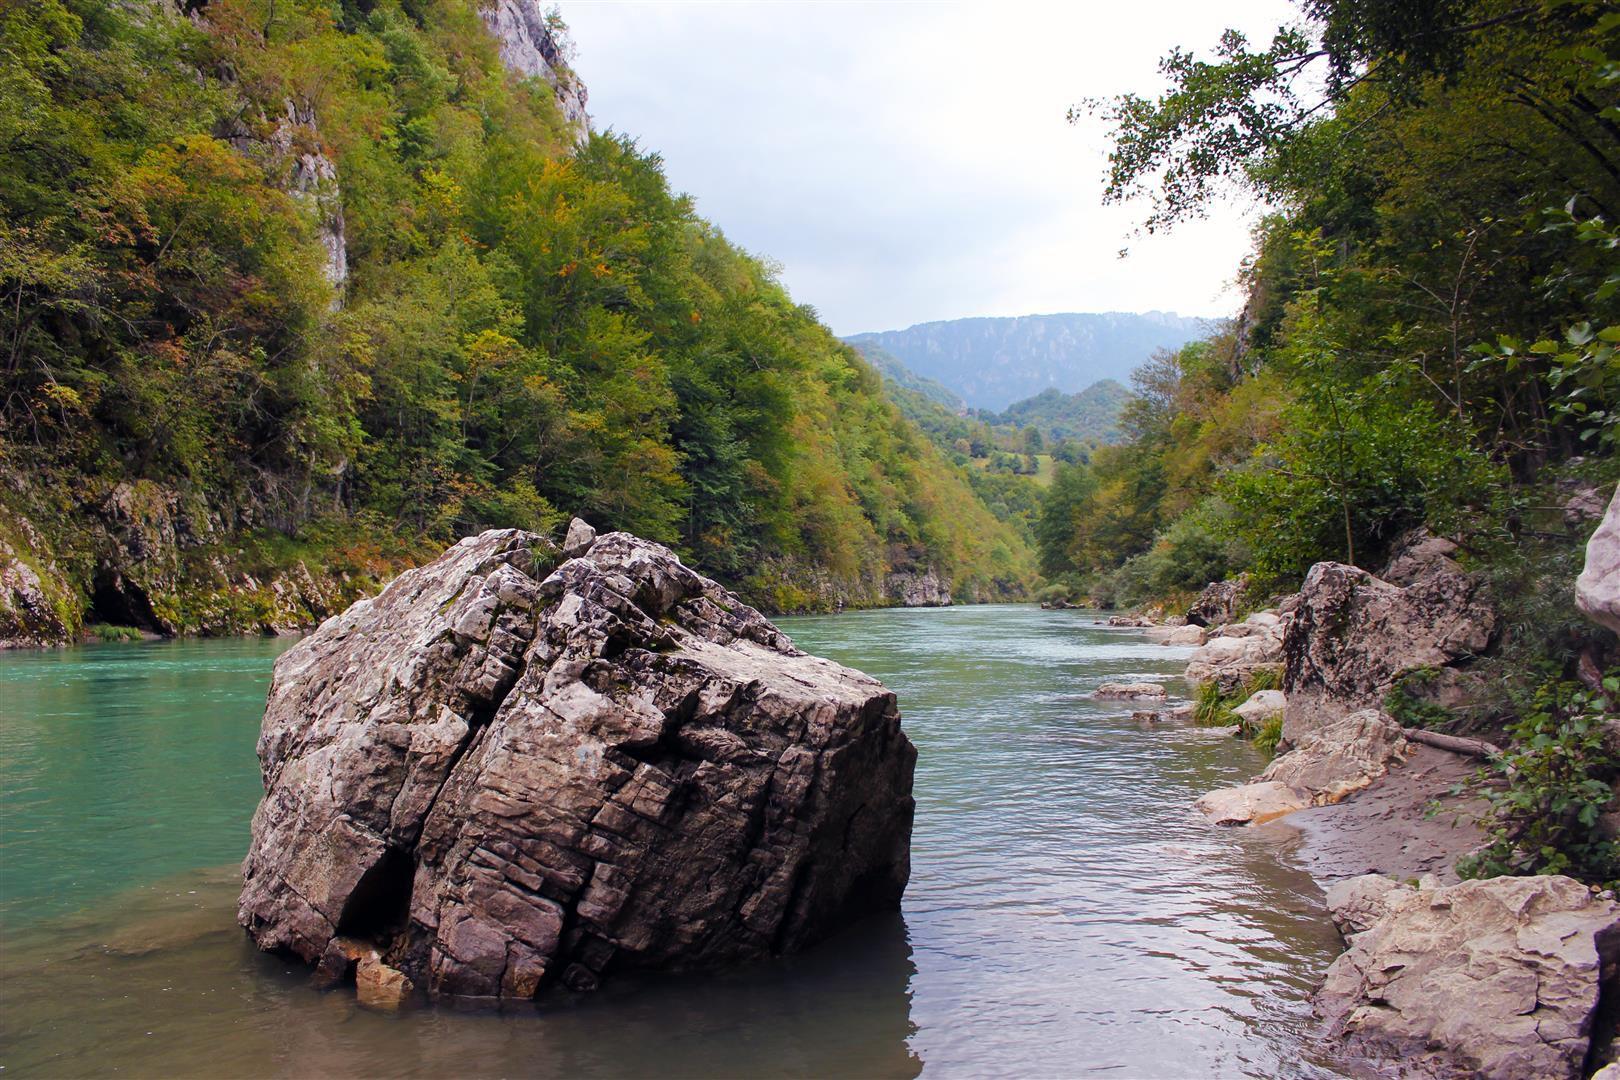 وادي تارا بالصور Tara-River-Montenegr